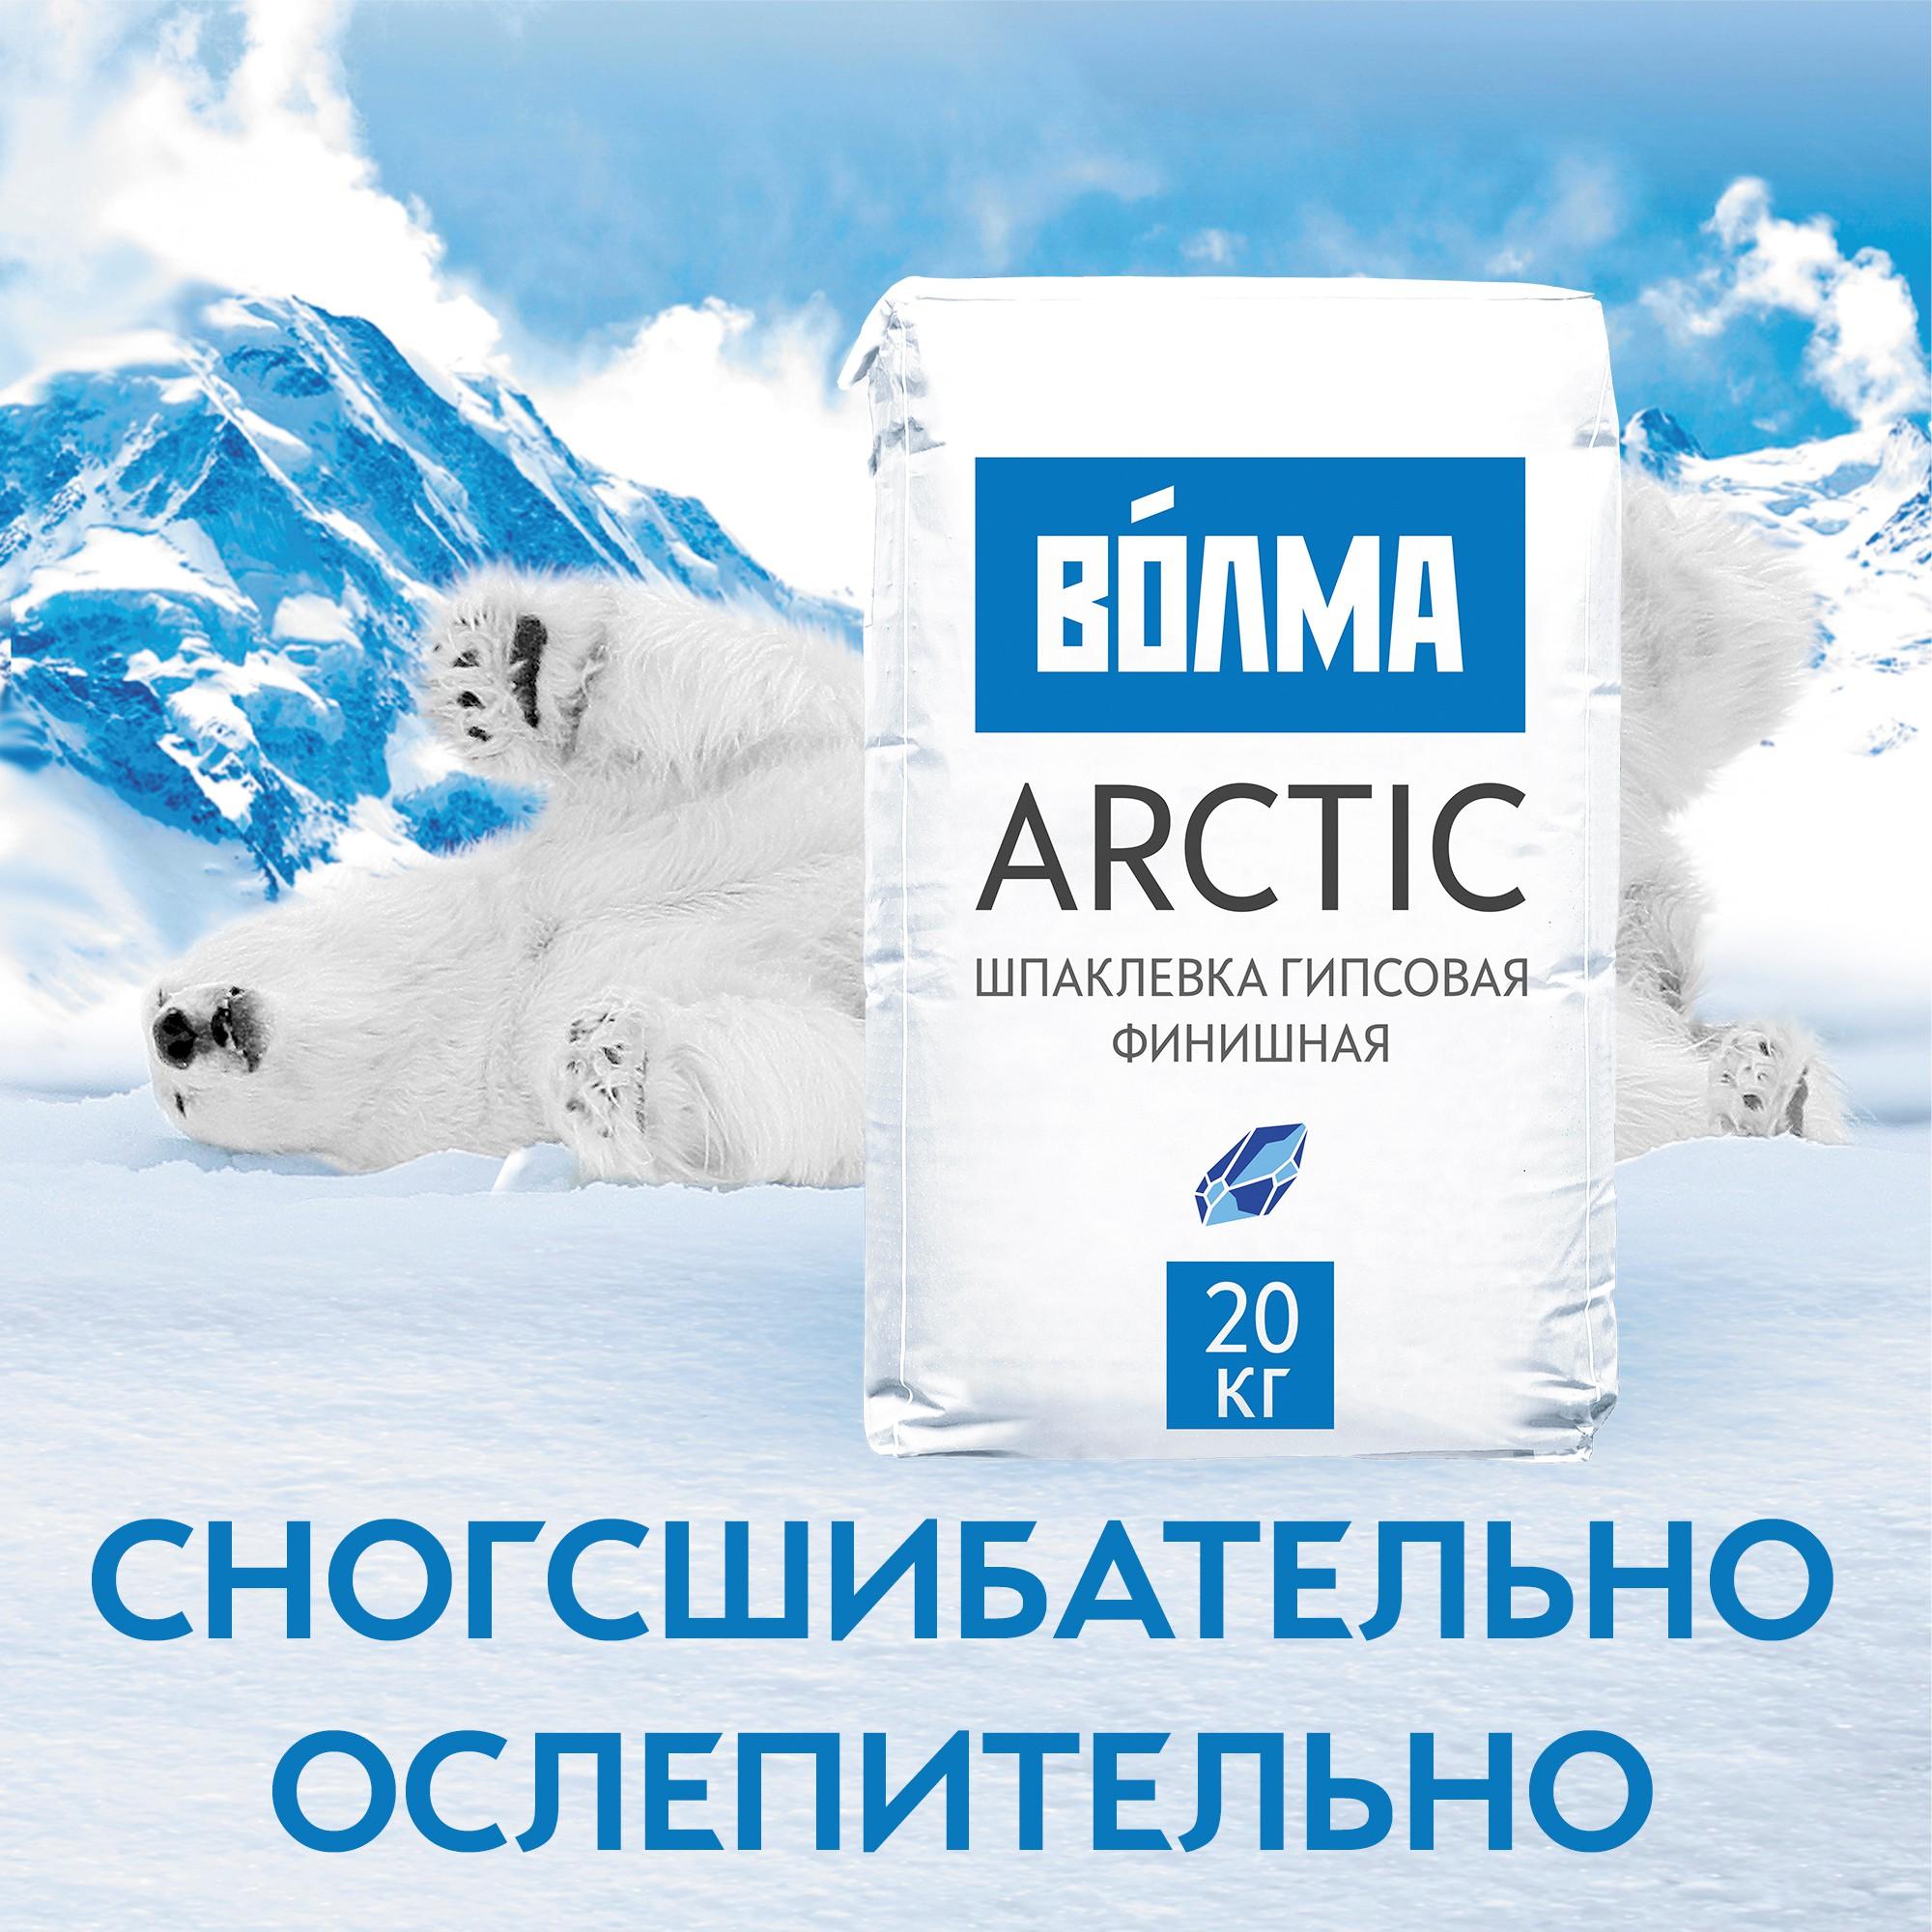 гипсовая шпаклевка волма арктик